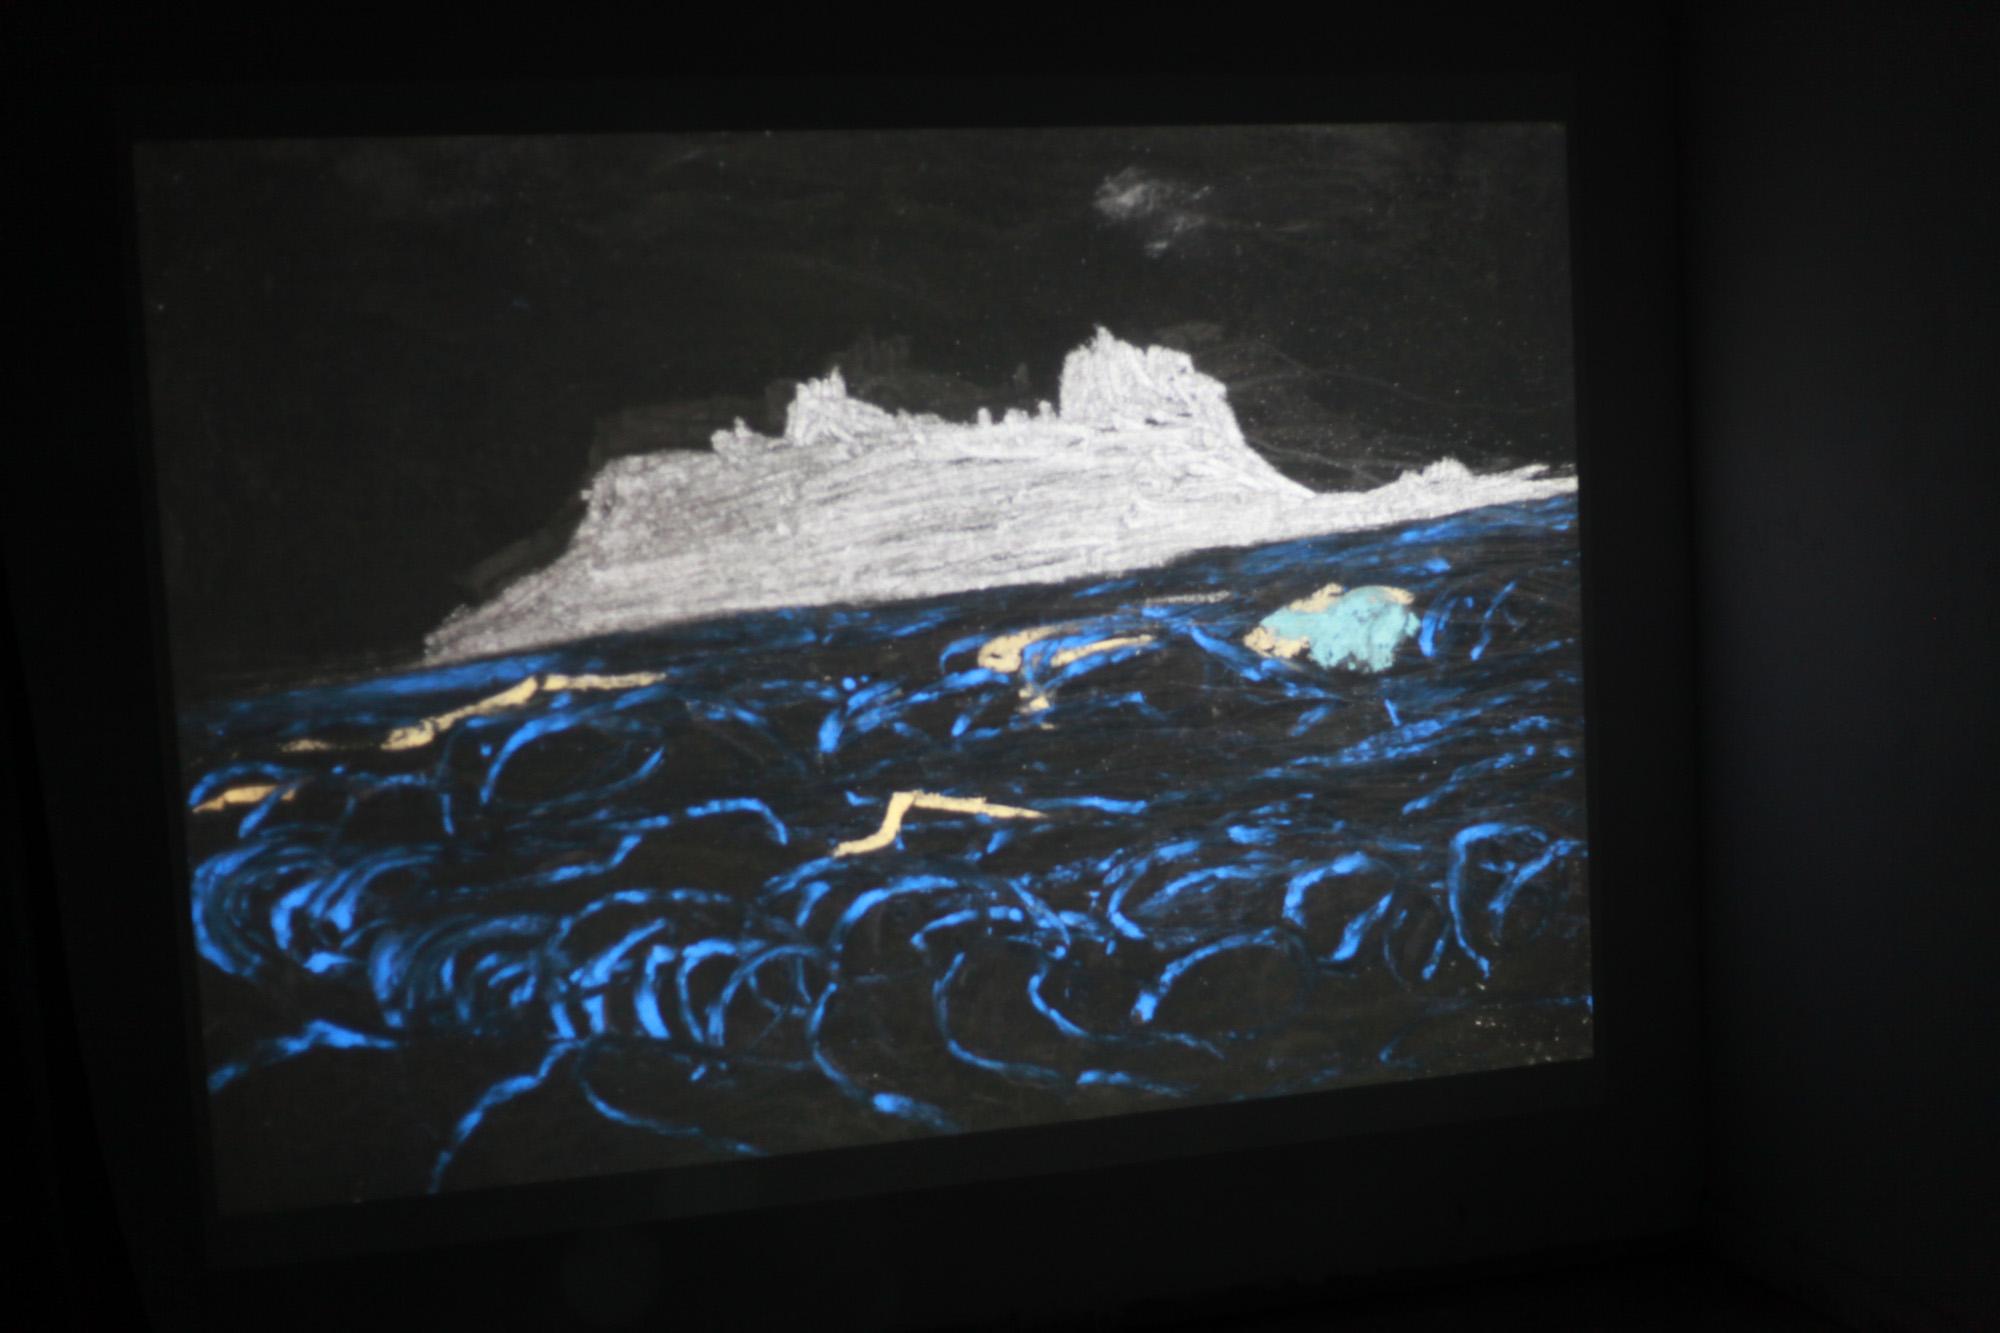 תשעים ותשע וריאציות על אי האלמוגים, וידאו, 2013.jpg